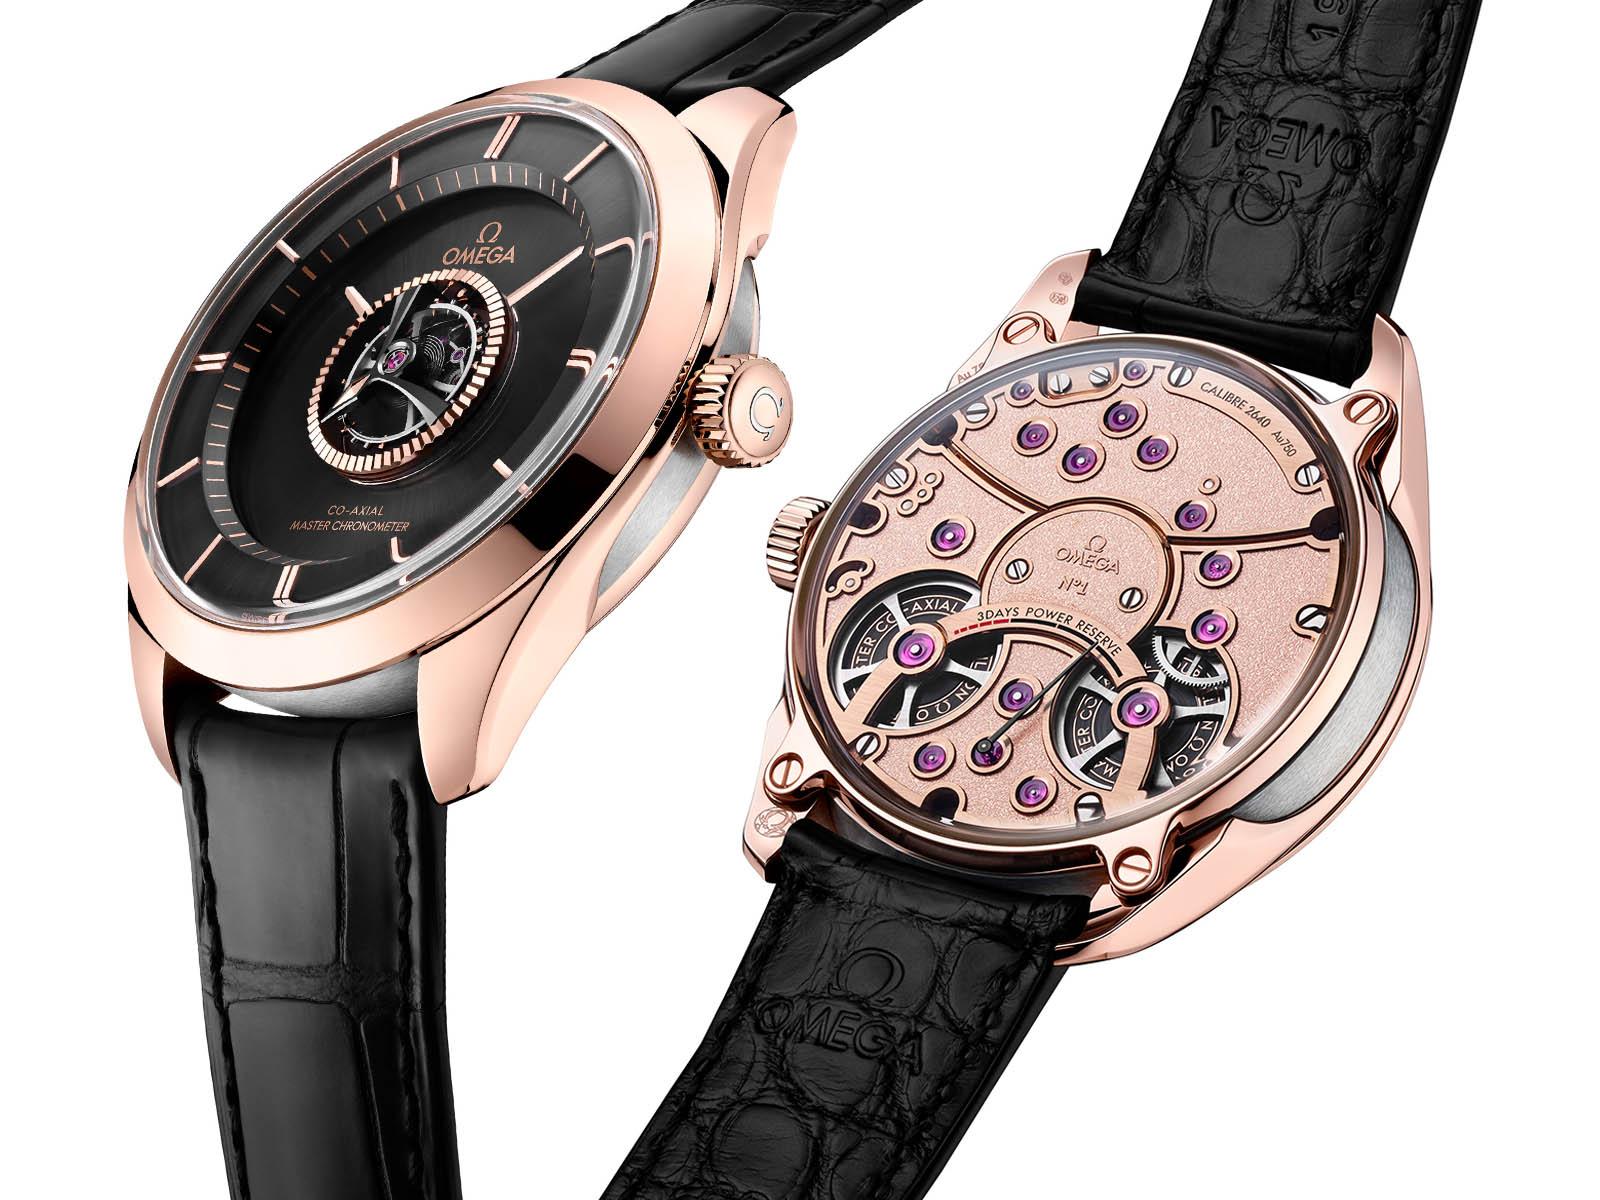 529-53-43-22-01-001-omega-de-ville-tourbillon-co-axial-master-chronometer-3.jpg